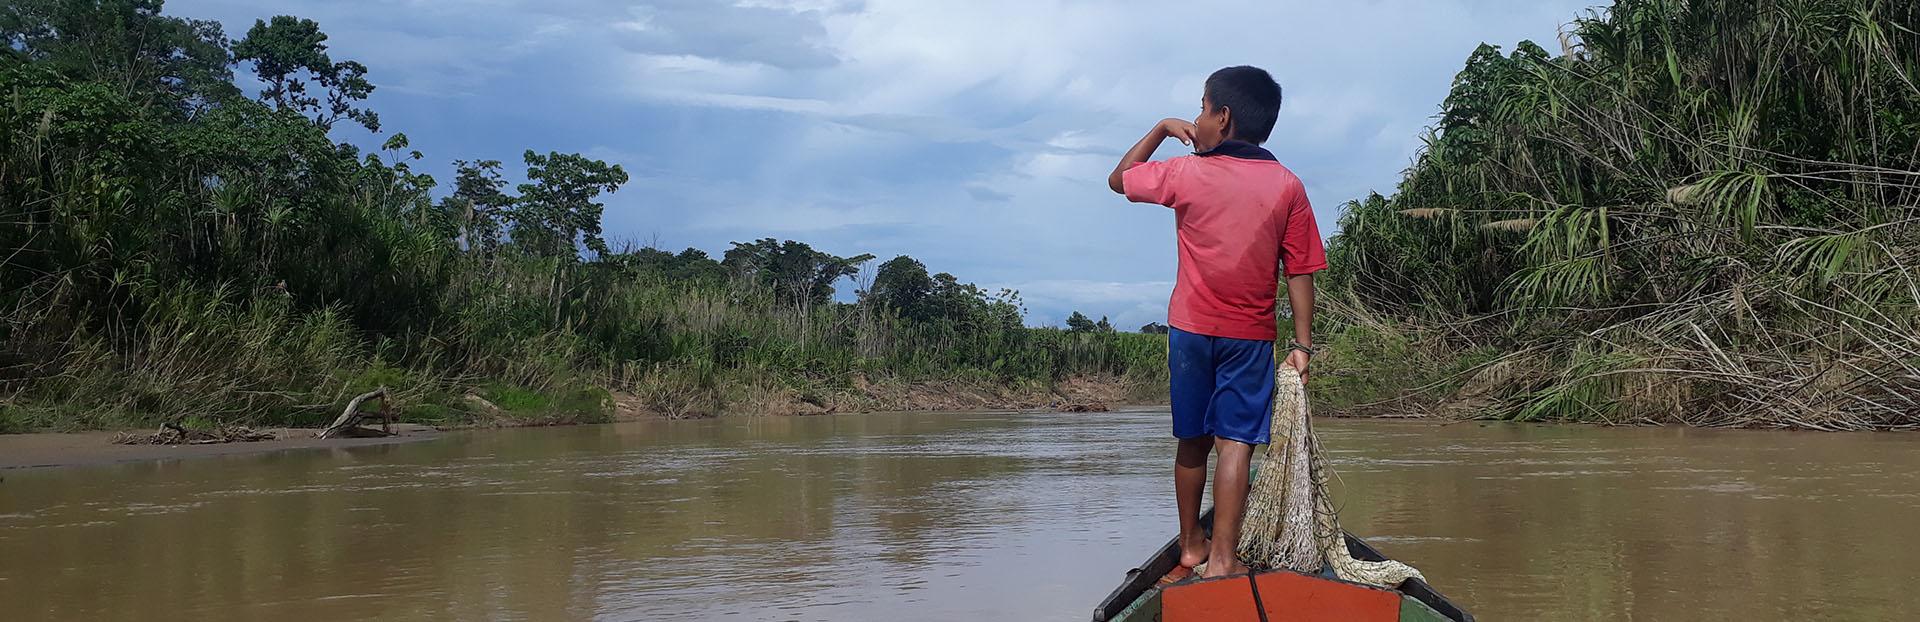 L'Amazzonia: patrimonio ambientale e missione strategica